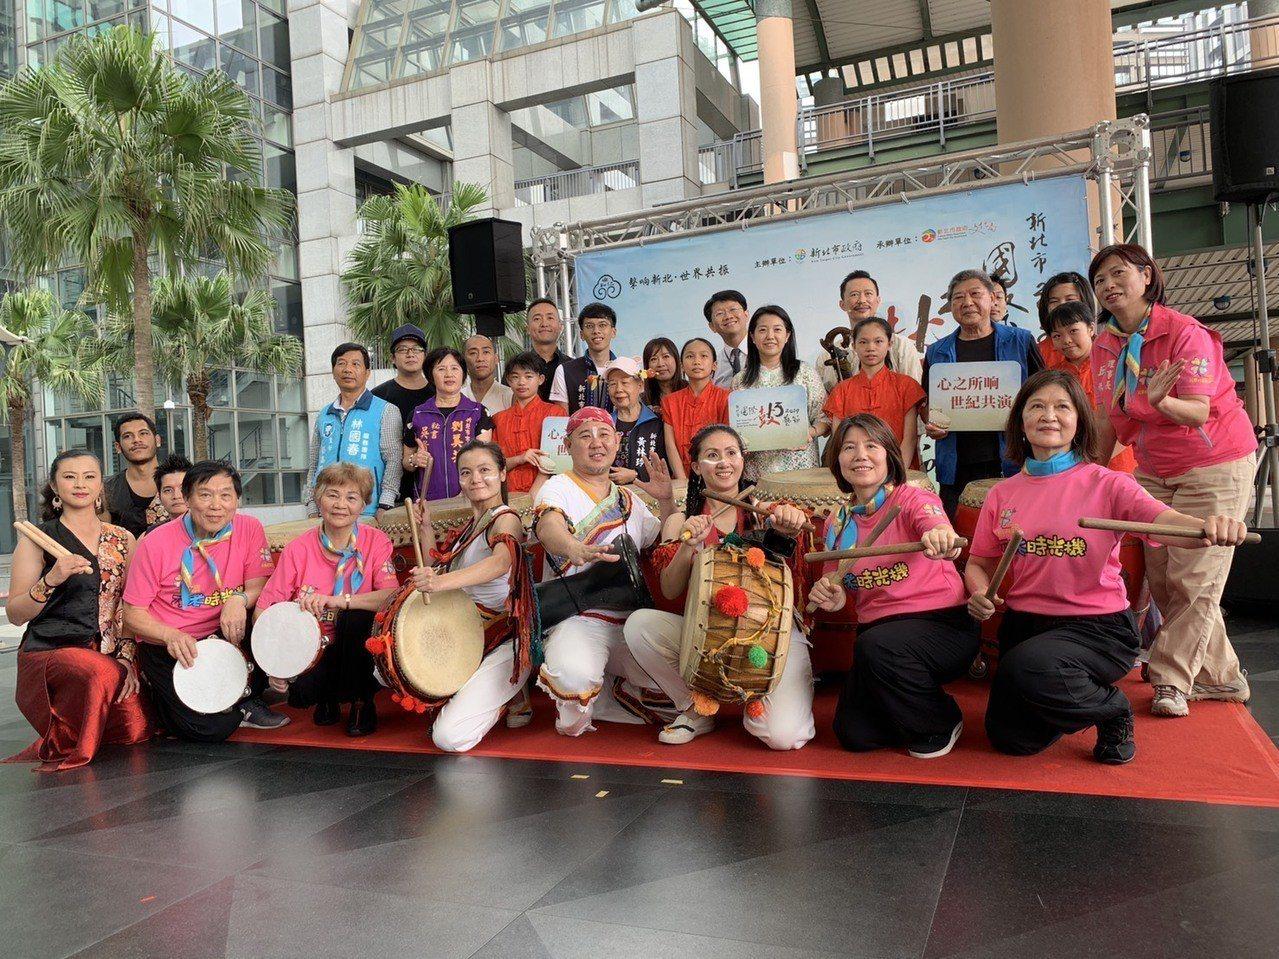 2019年新北市國際鼓藝節總計有7個國家、21支團隊參與。記者張曼蘋/攝影